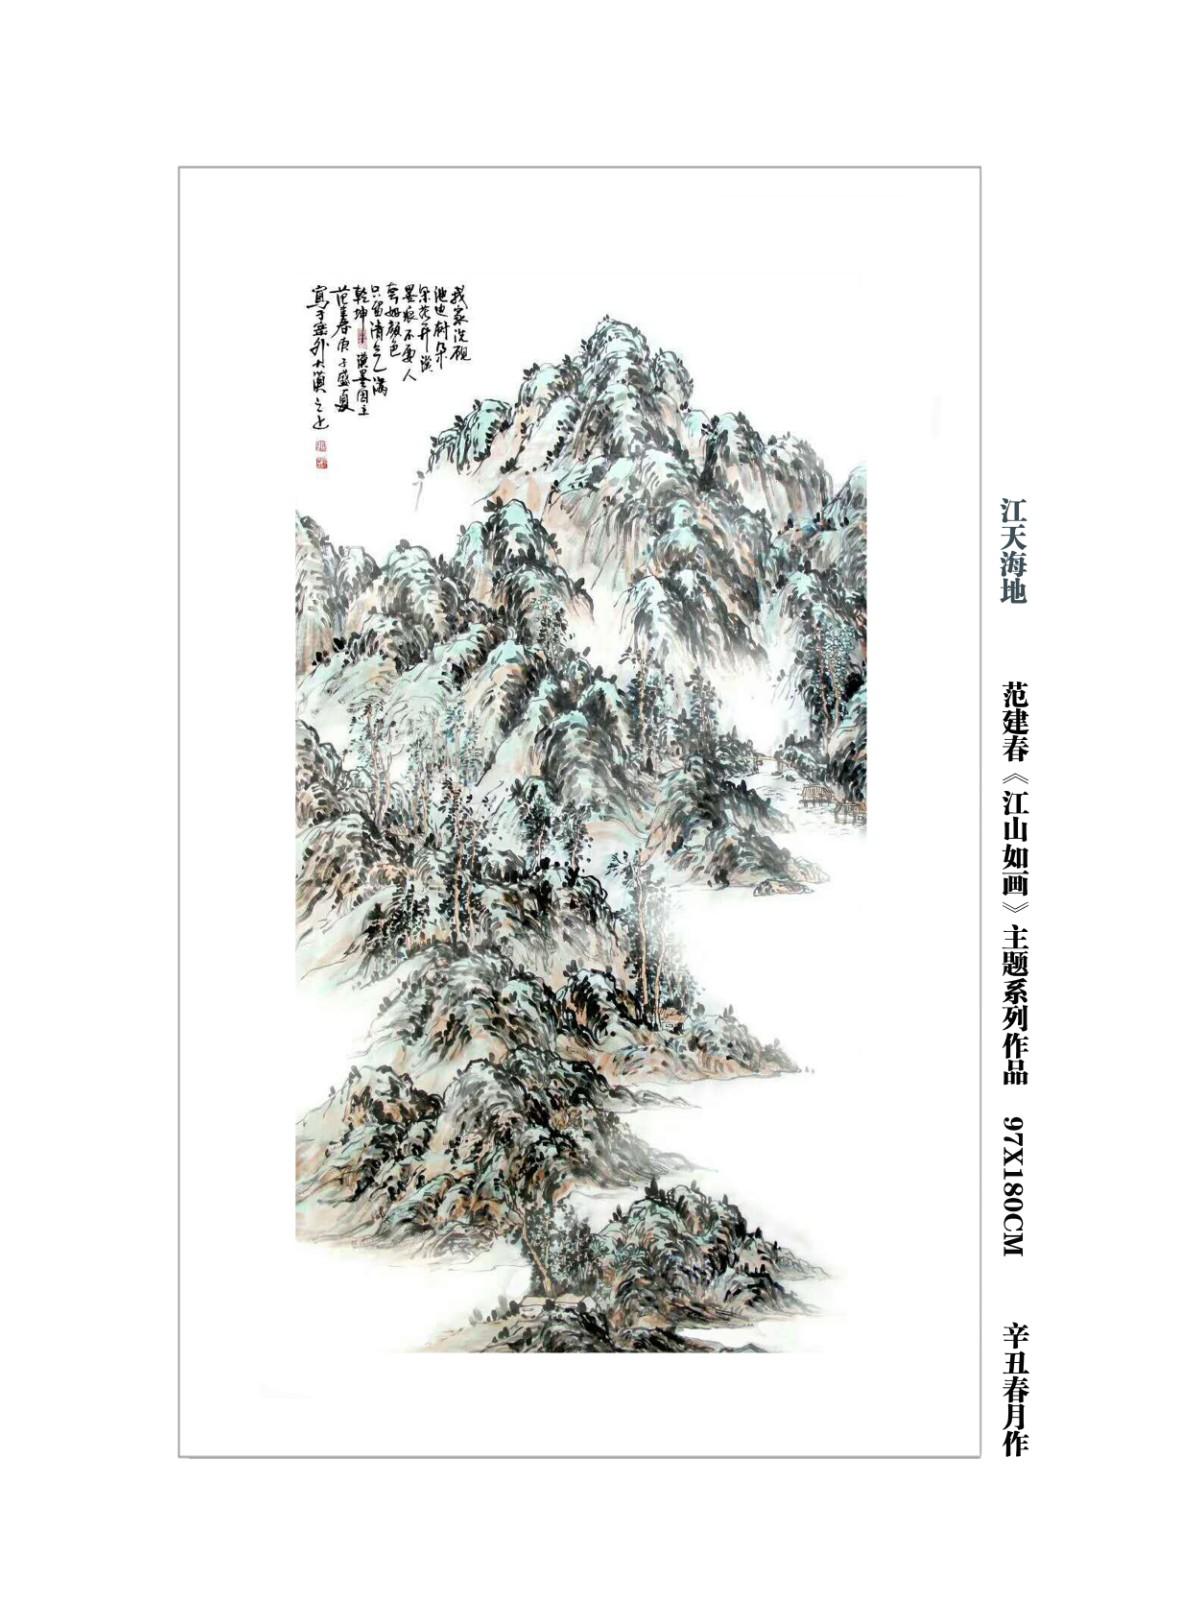 范建春《江山如画》系列国画作品_图1-2